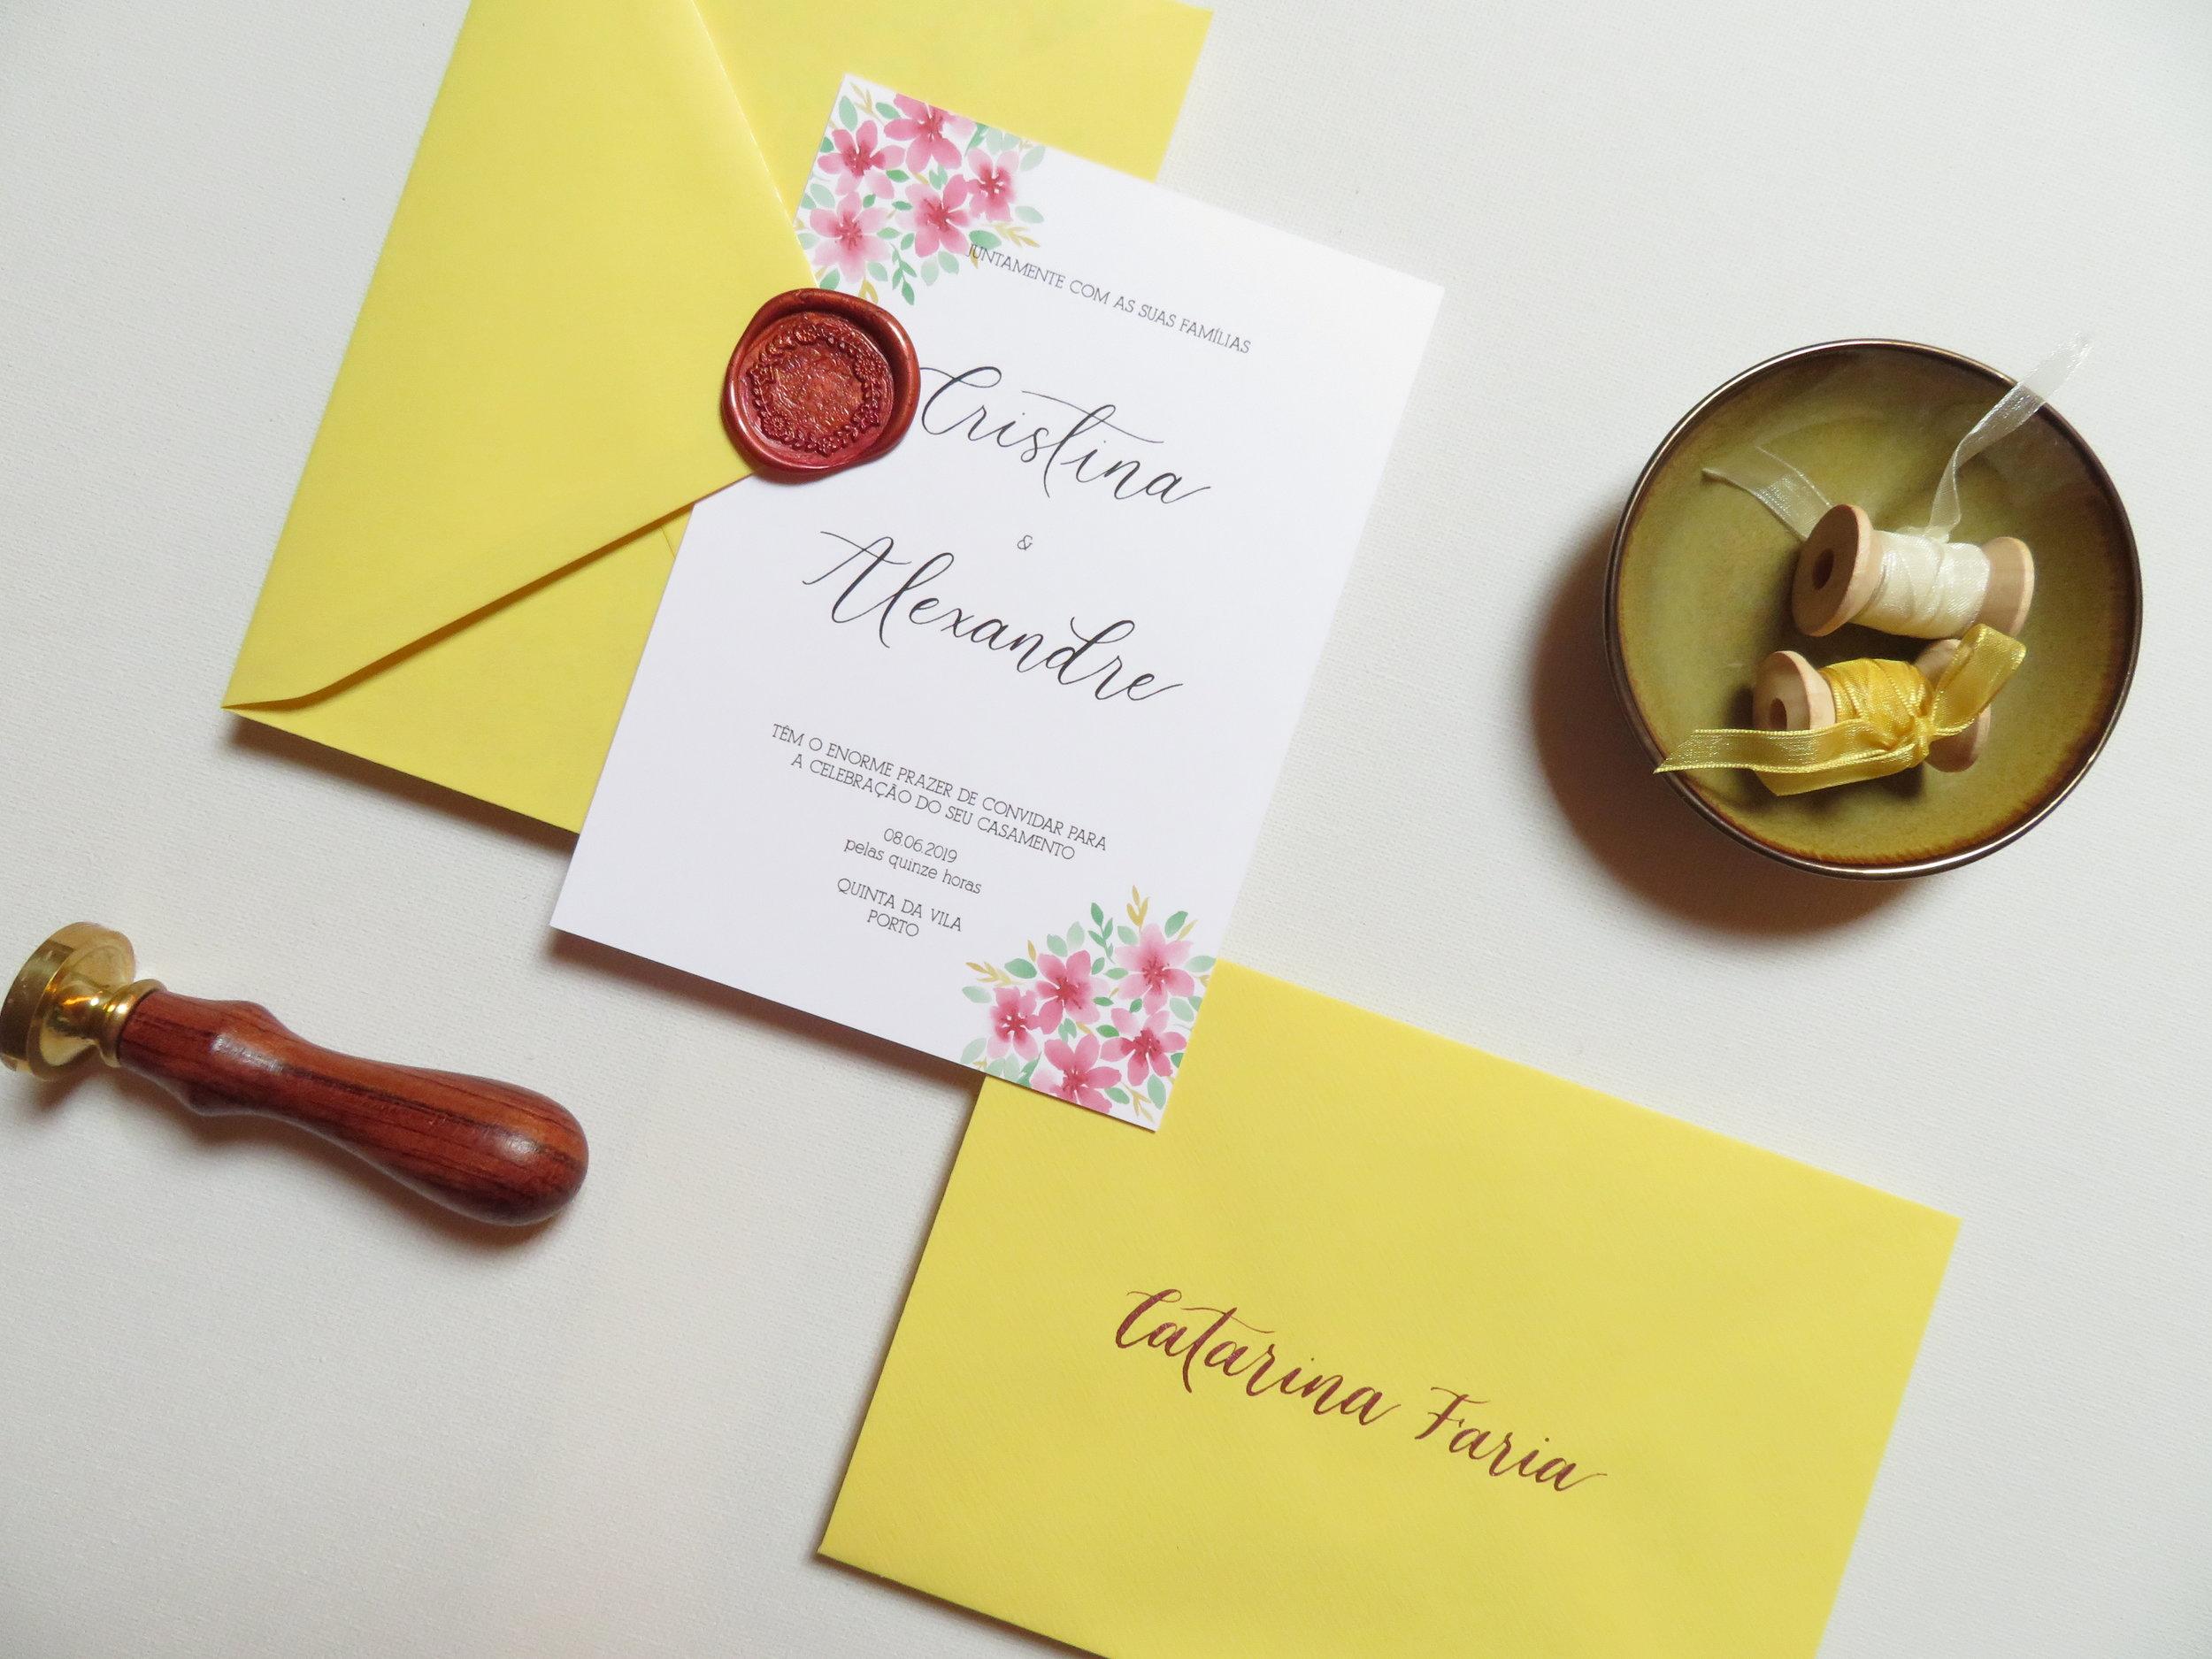 Convites de casamento - Convites de casamentos feitos ao teu gosto elevarão teu casamento ou evento a algo verdadeiramente especial.Caligrafia elegante, design moderno e uma boa impressão são a combinação perfeita para que o teu convite se destaque e fique para sempre na memória dos teus convidados.